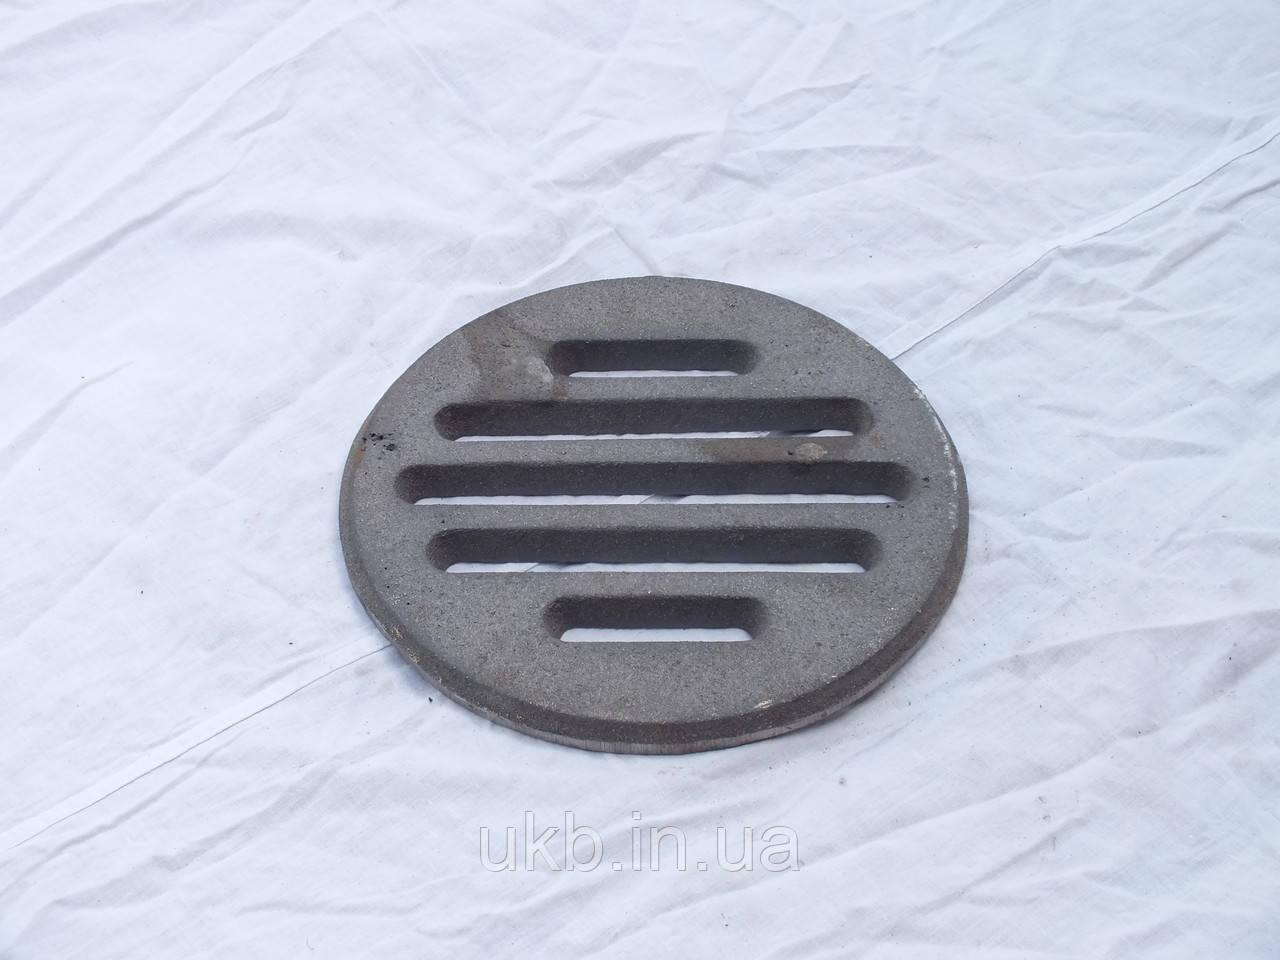 Колосниковая решетка круглая 240 мм (3,5кг)